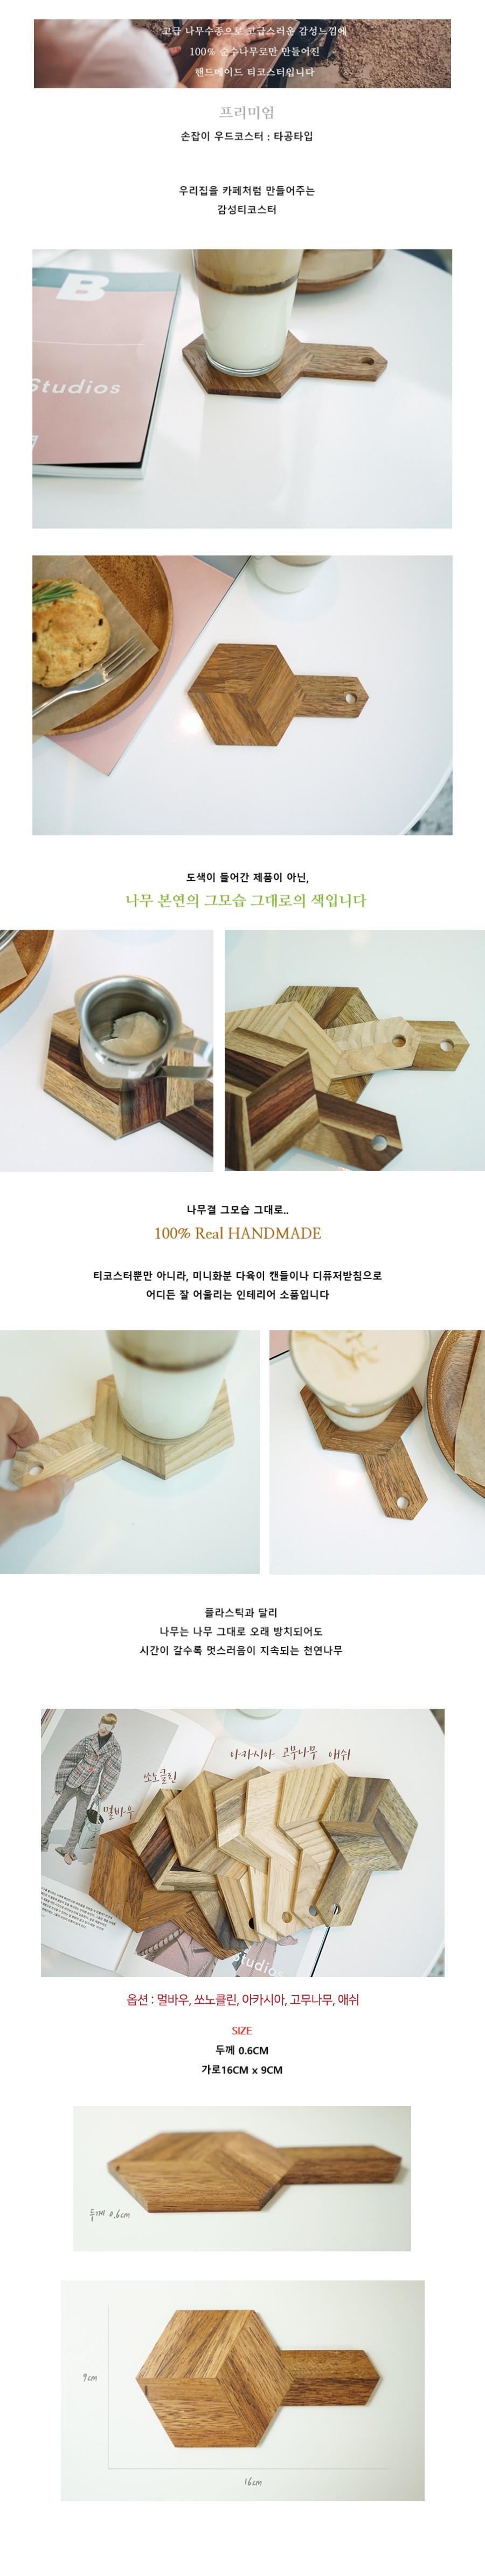 나무 원목 티 손잡이 코스터 컵받침 - 썸몰, 4,700원, 컵받침/뚜껑/홀더, 컵받침